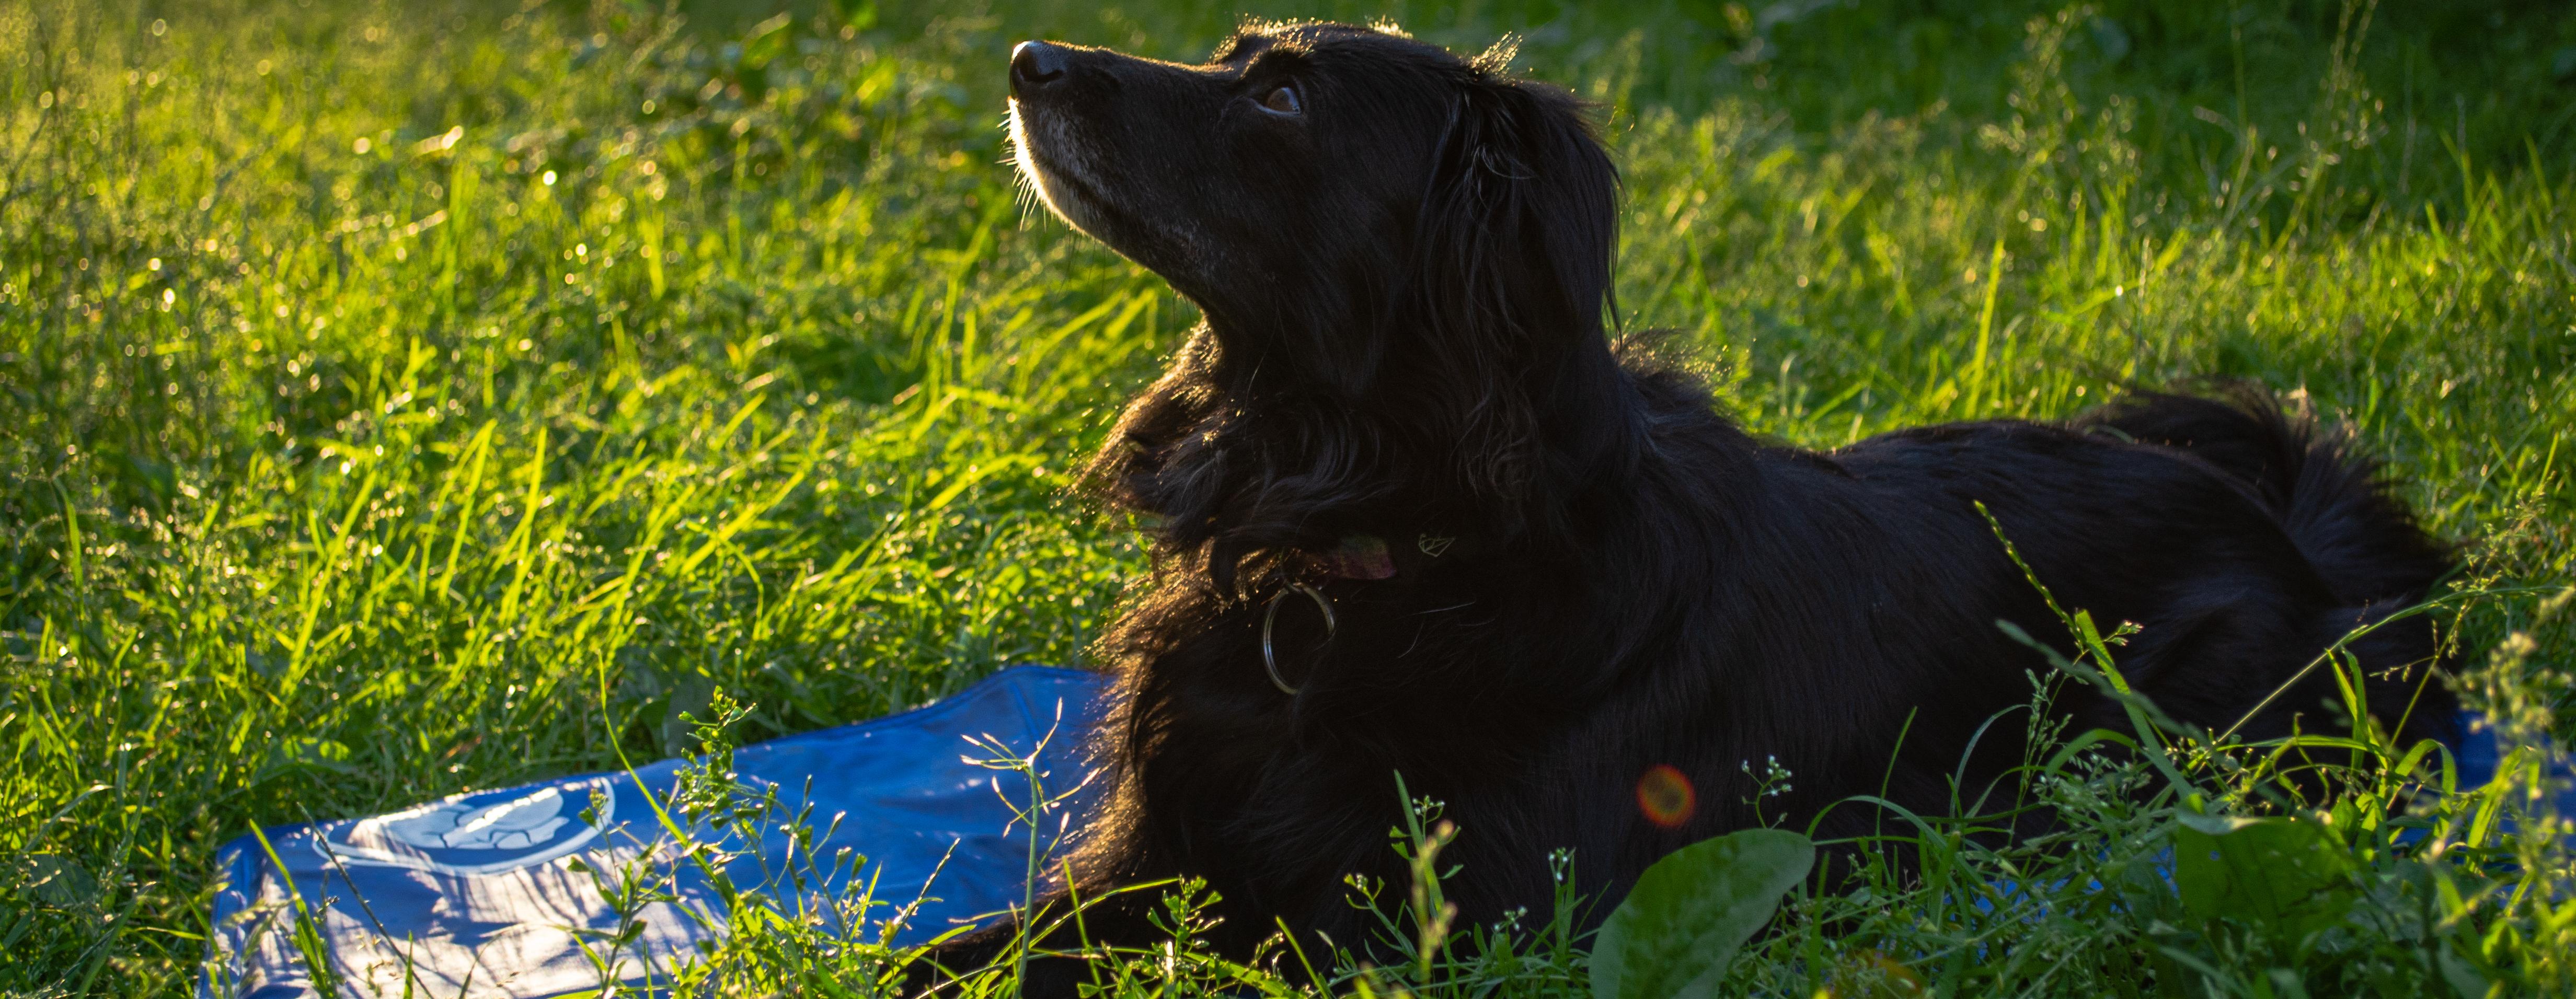 Jak bezpiecznie schłodzić psa w upał?